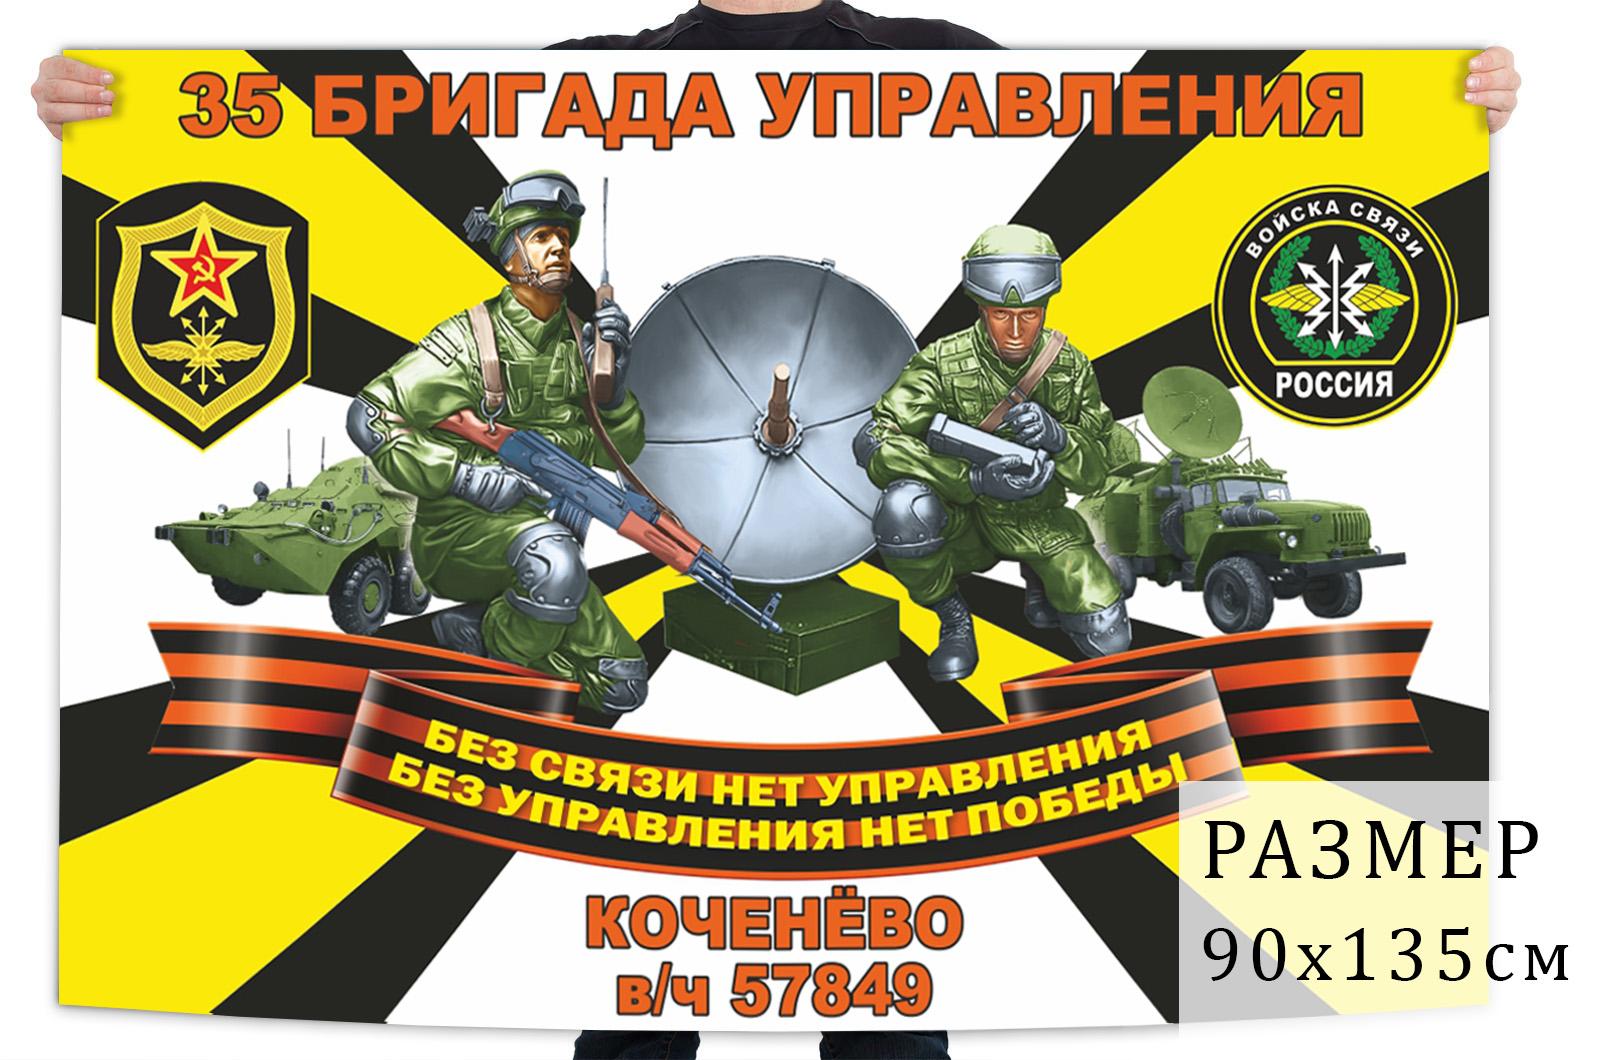 Флаг 35 бригады управления войск связи